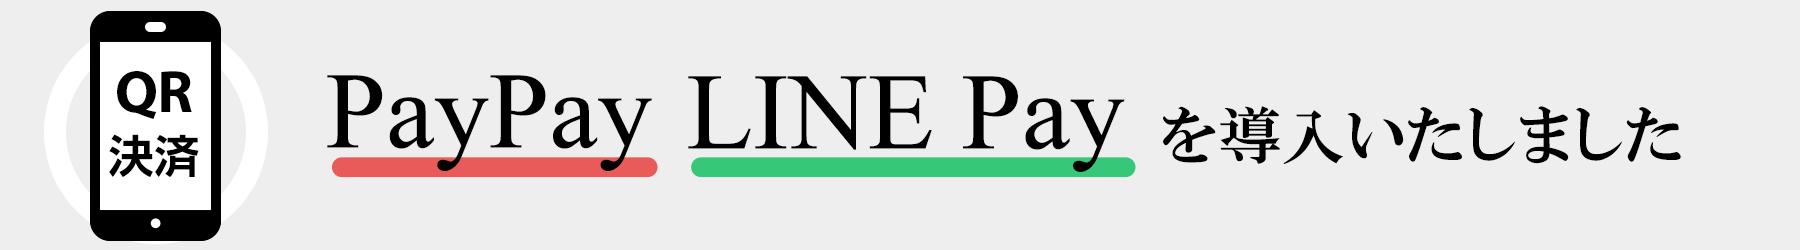 QRコード決済サービス「PayPay」「LINE Pay」導入のお知らせ